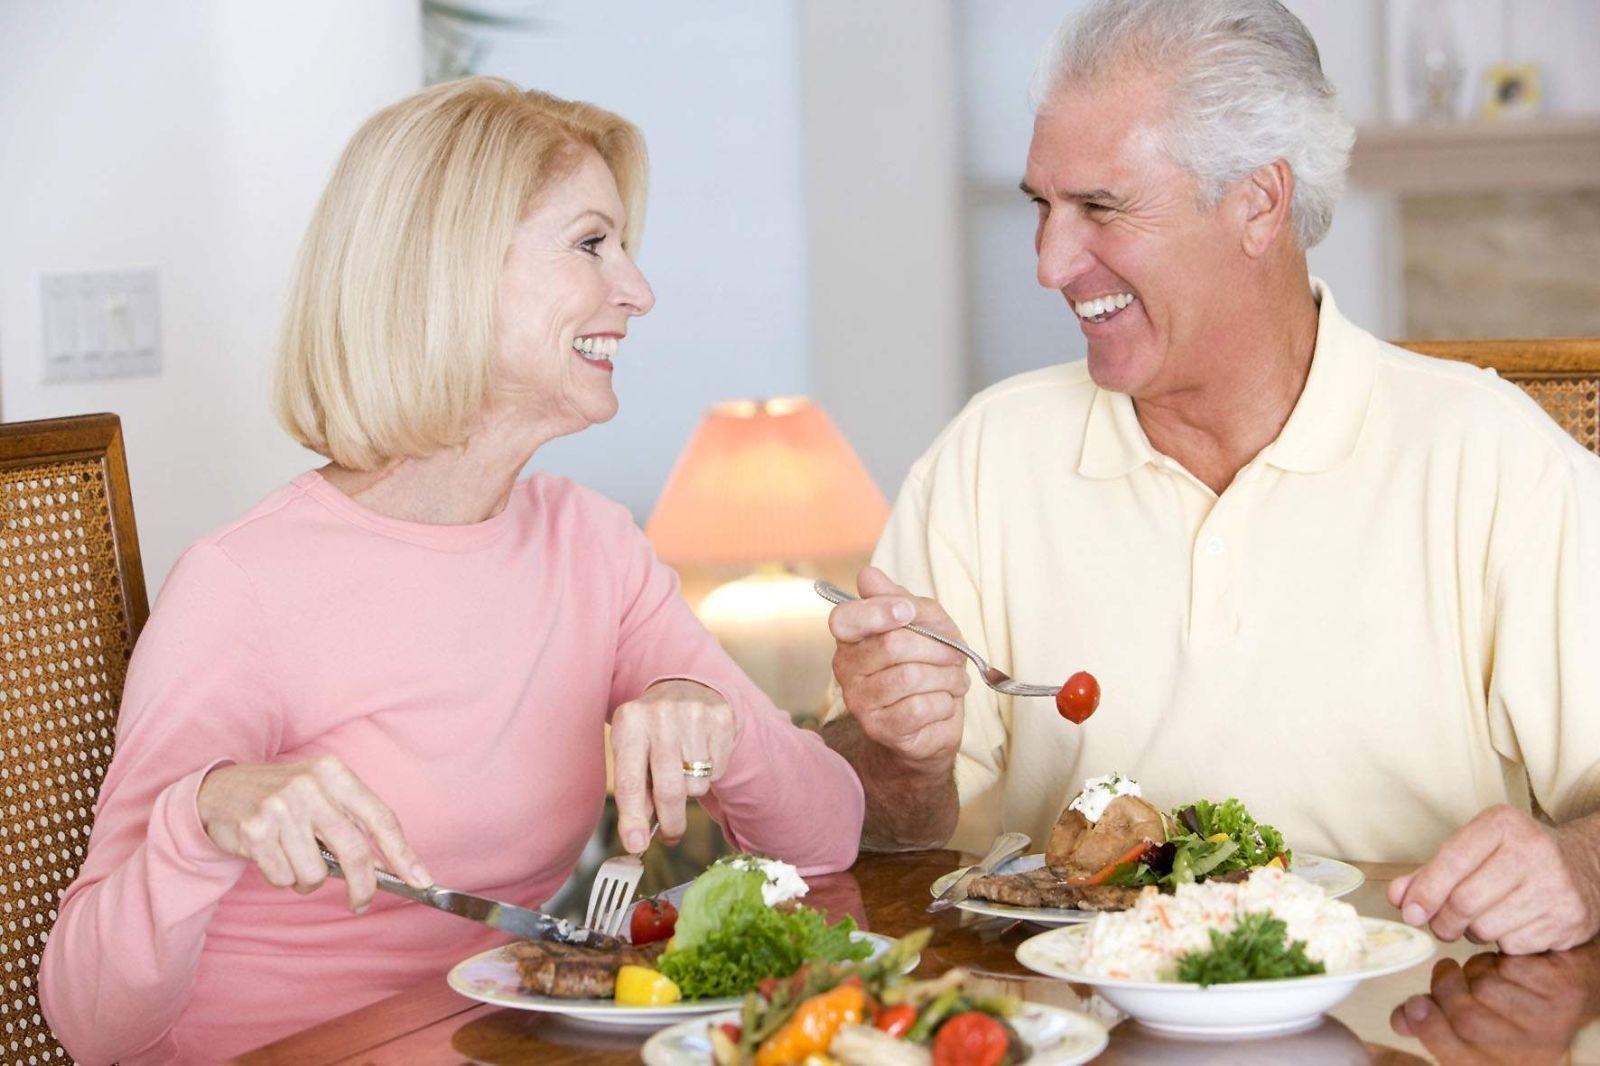 Chế Độ Dinh Dưỡng Tốt Cho Sức Khỏe Người Cao Tuổi